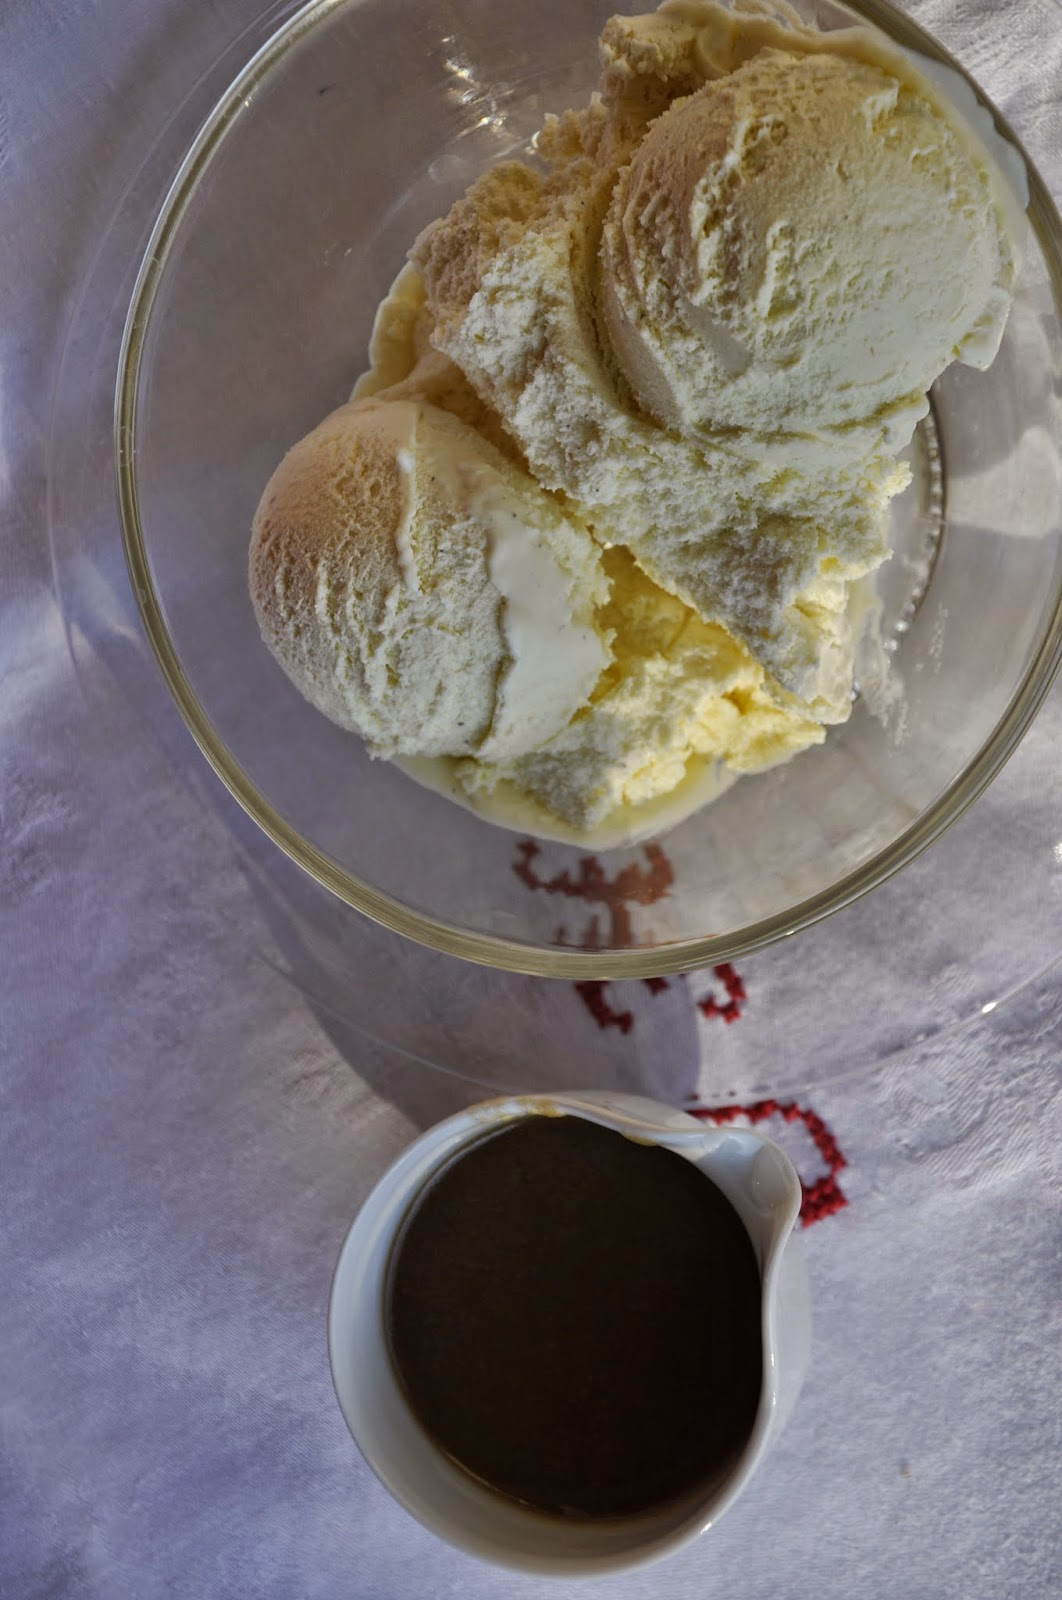 Szybko Tanio Smacznie - Lody waniliowe z burbonowym sosem toffee